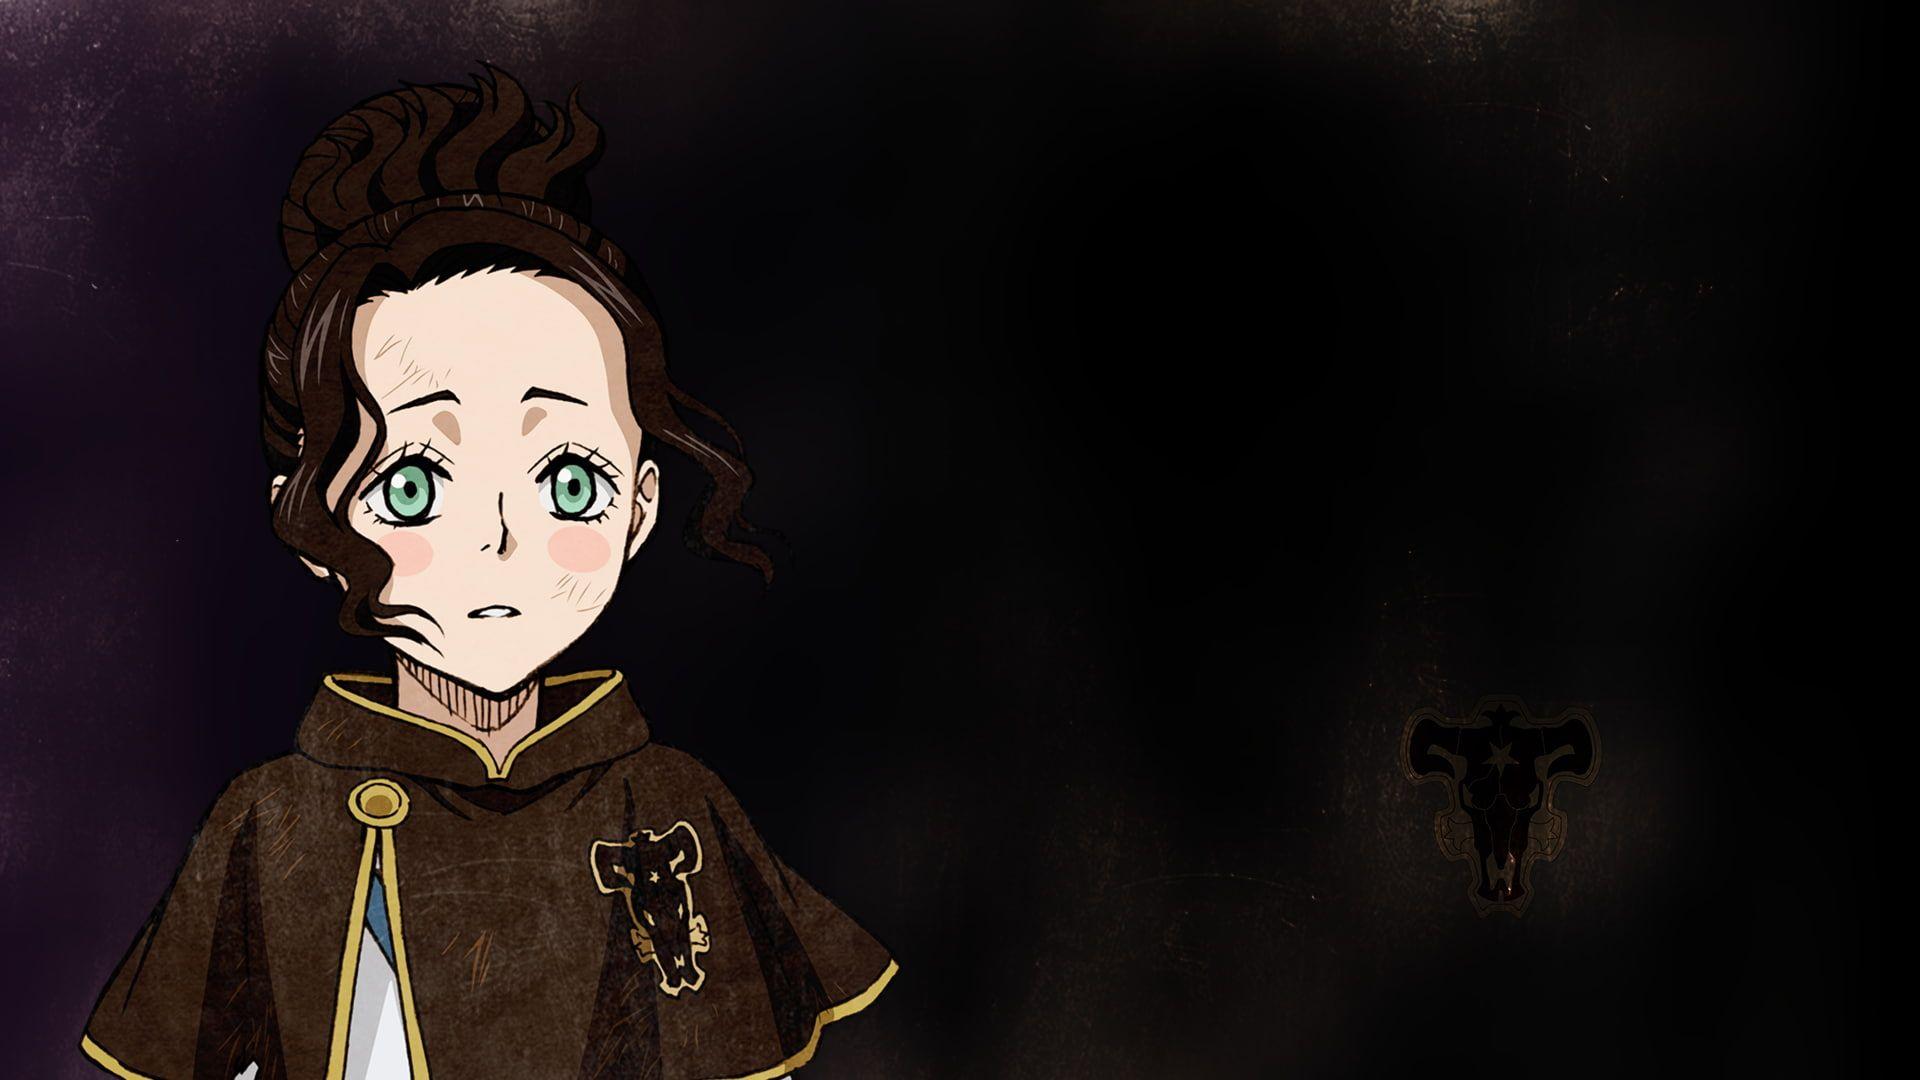 Black Clover #anime #1080P #wallpaper #hdwallpaper # ...